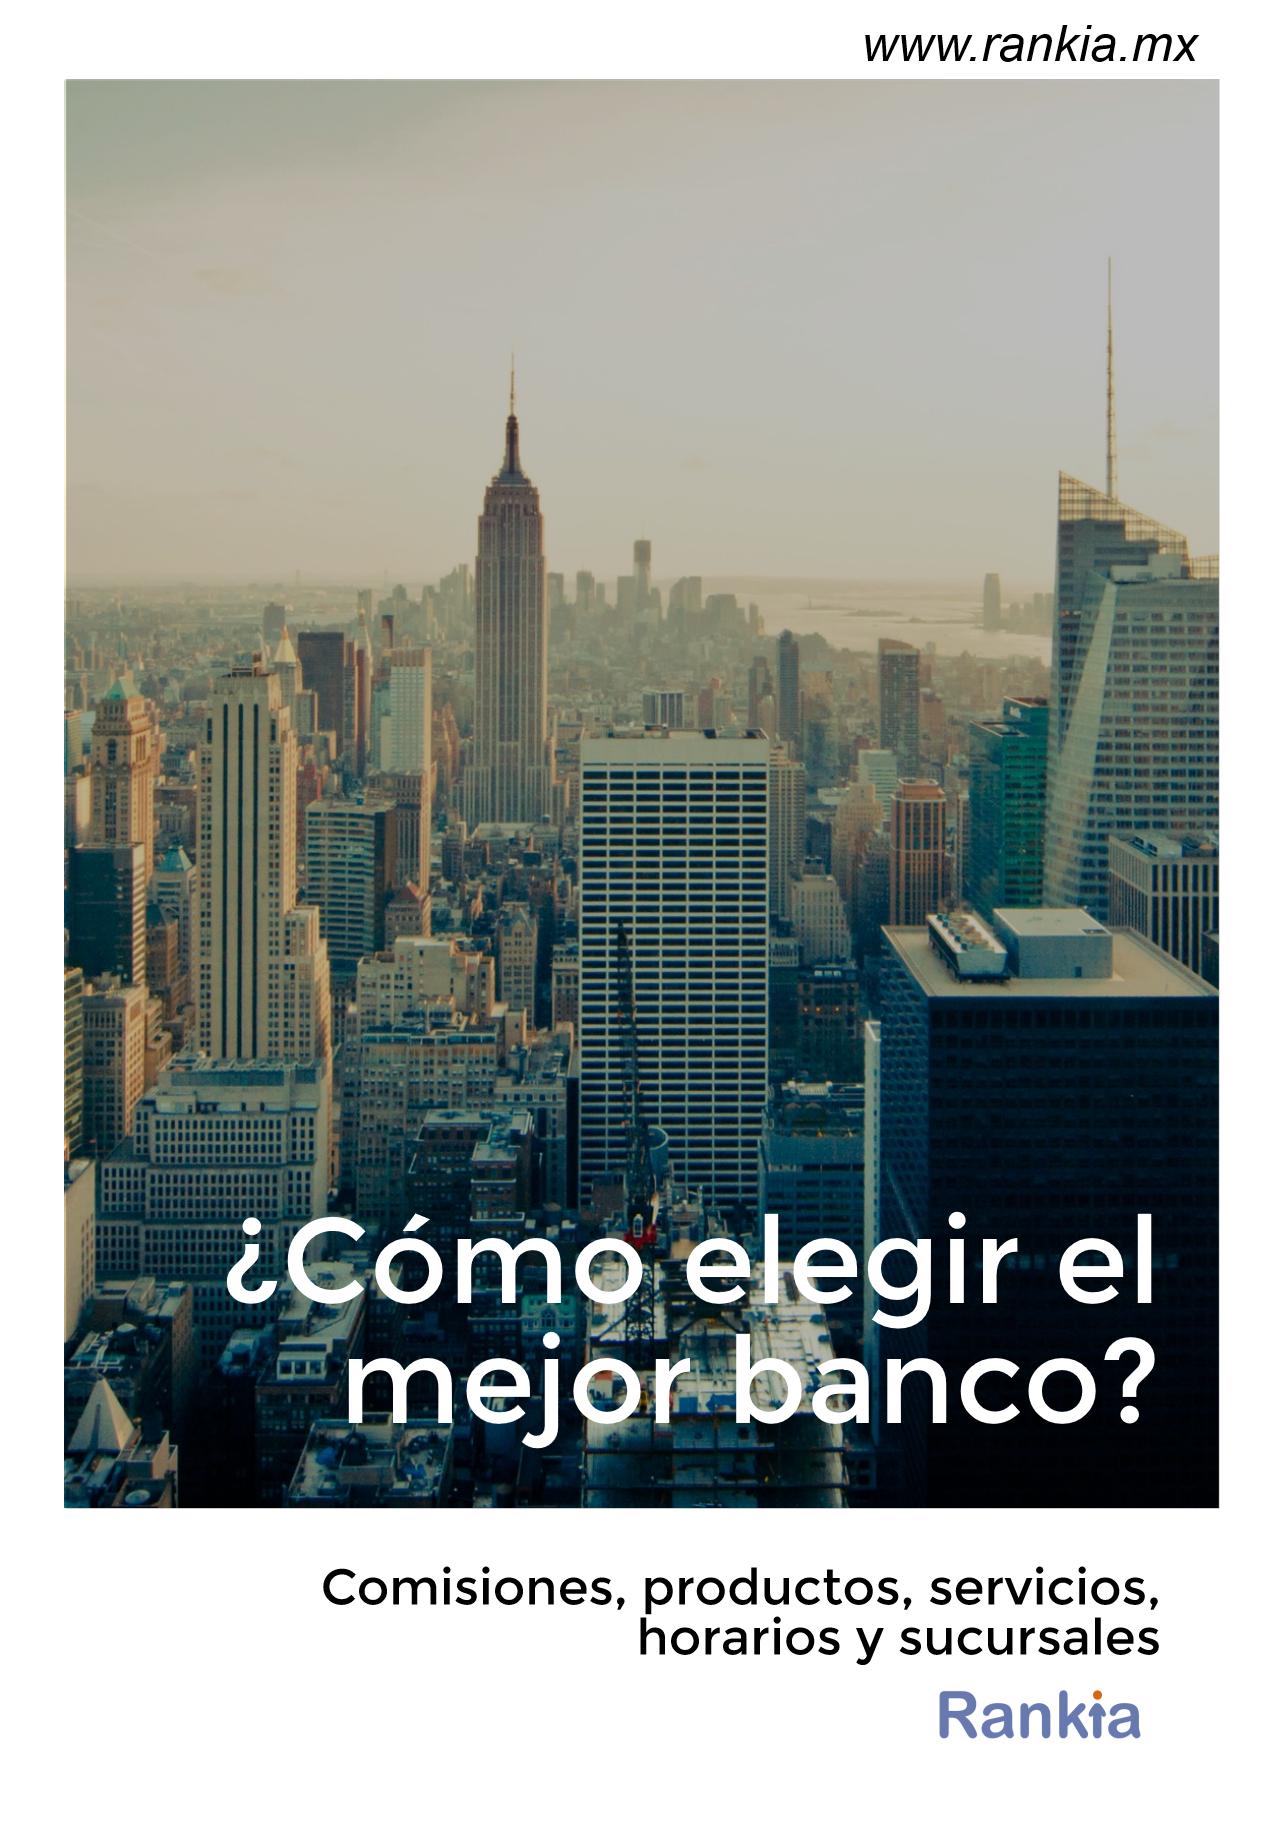 ¿Cómo elegir el mejor banco?